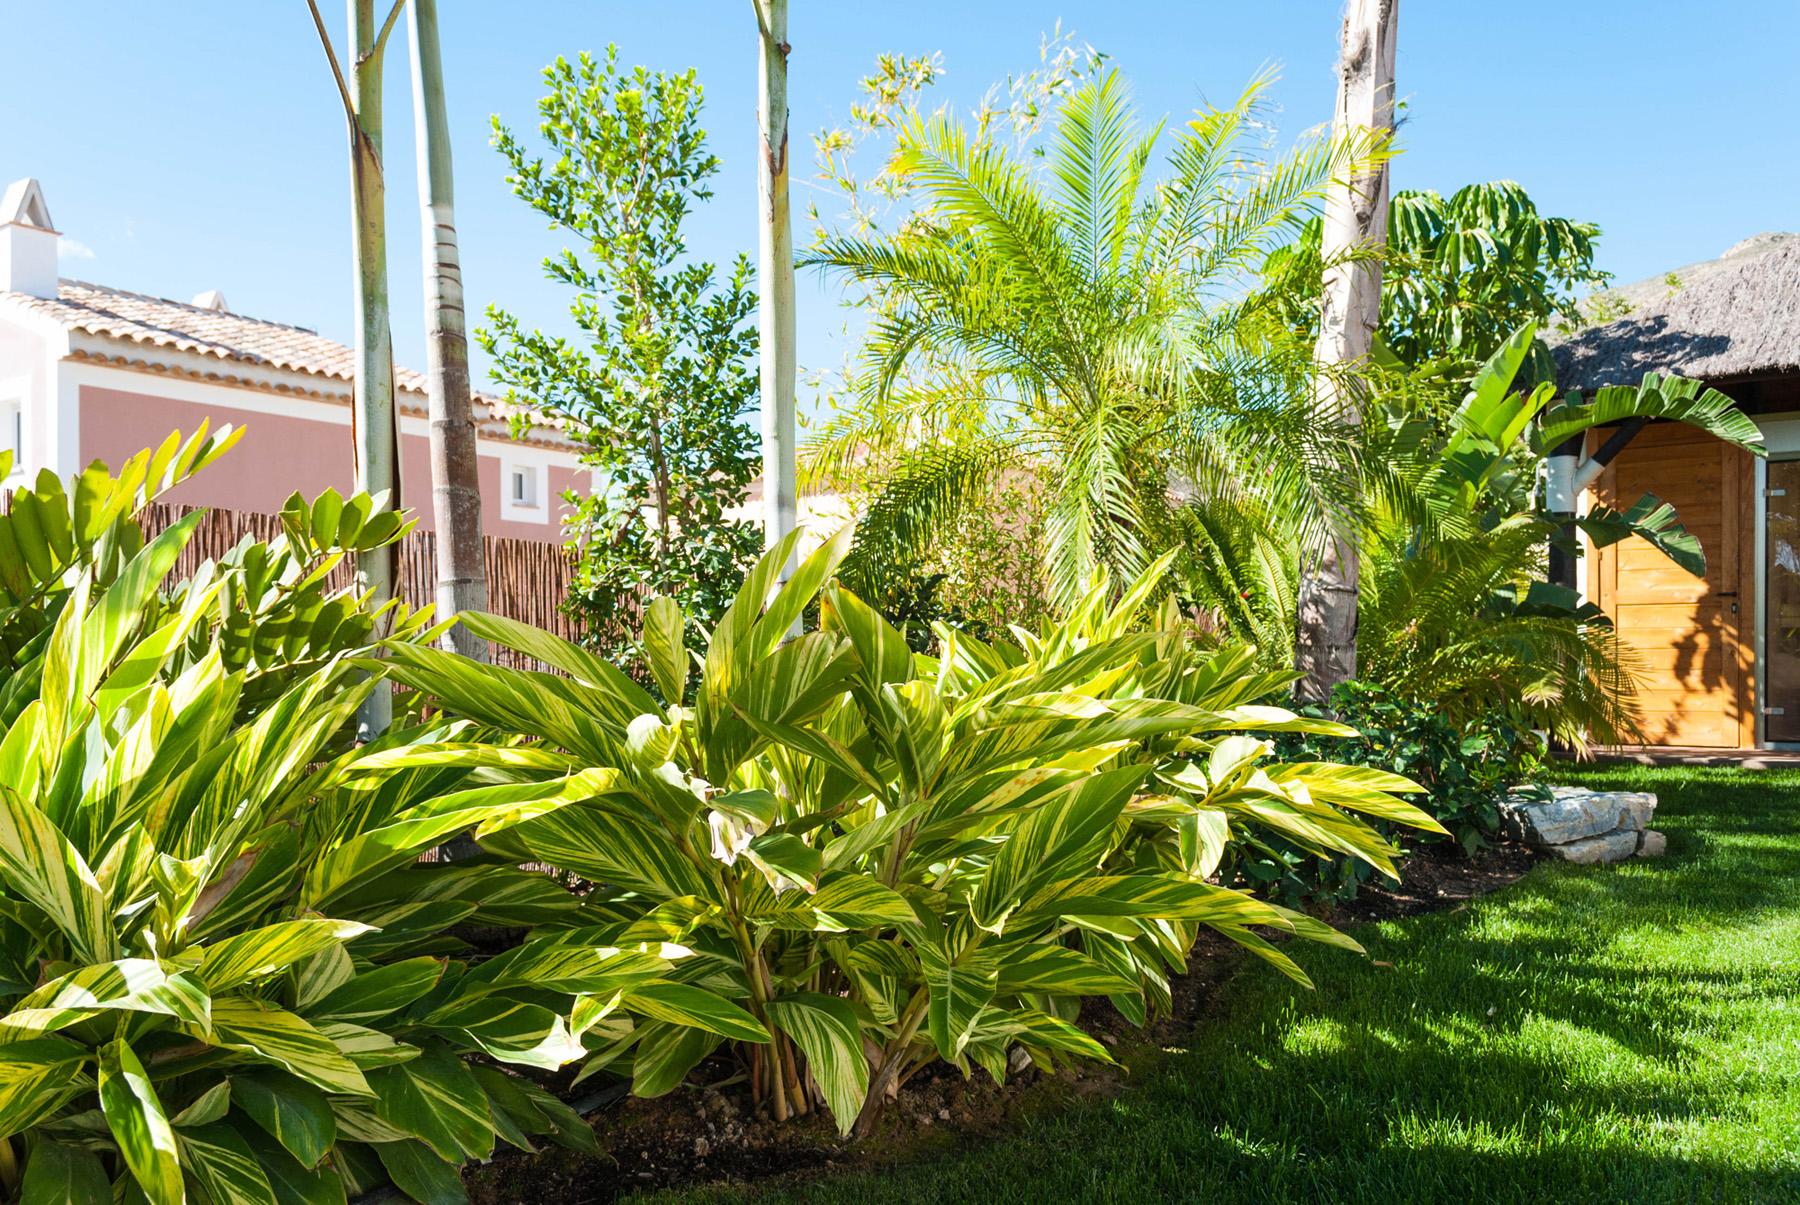 Dise o de jard n tropical villa de lujo en benidorm - Diseno jardines madrid ...